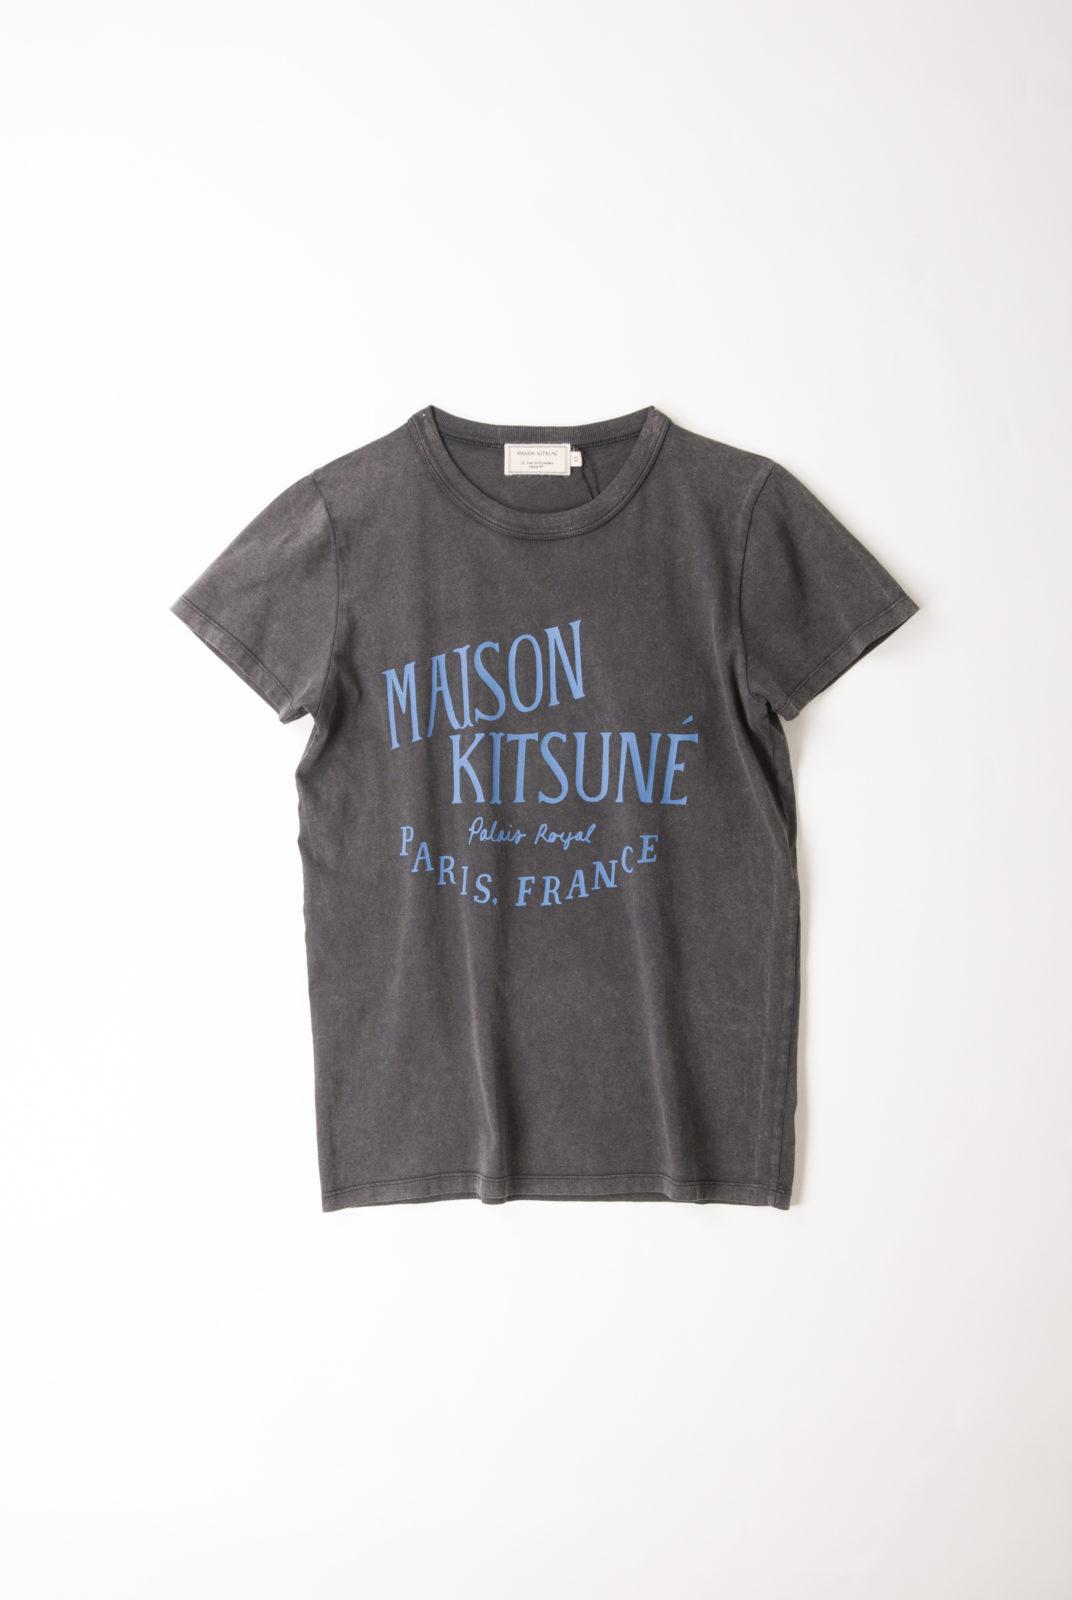 """tshirt gris, coton, encolure arrondie, manches courtes, inscription contrastée """"maison kitsuné palais royal"""", coupe droite, maison kitsuné"""